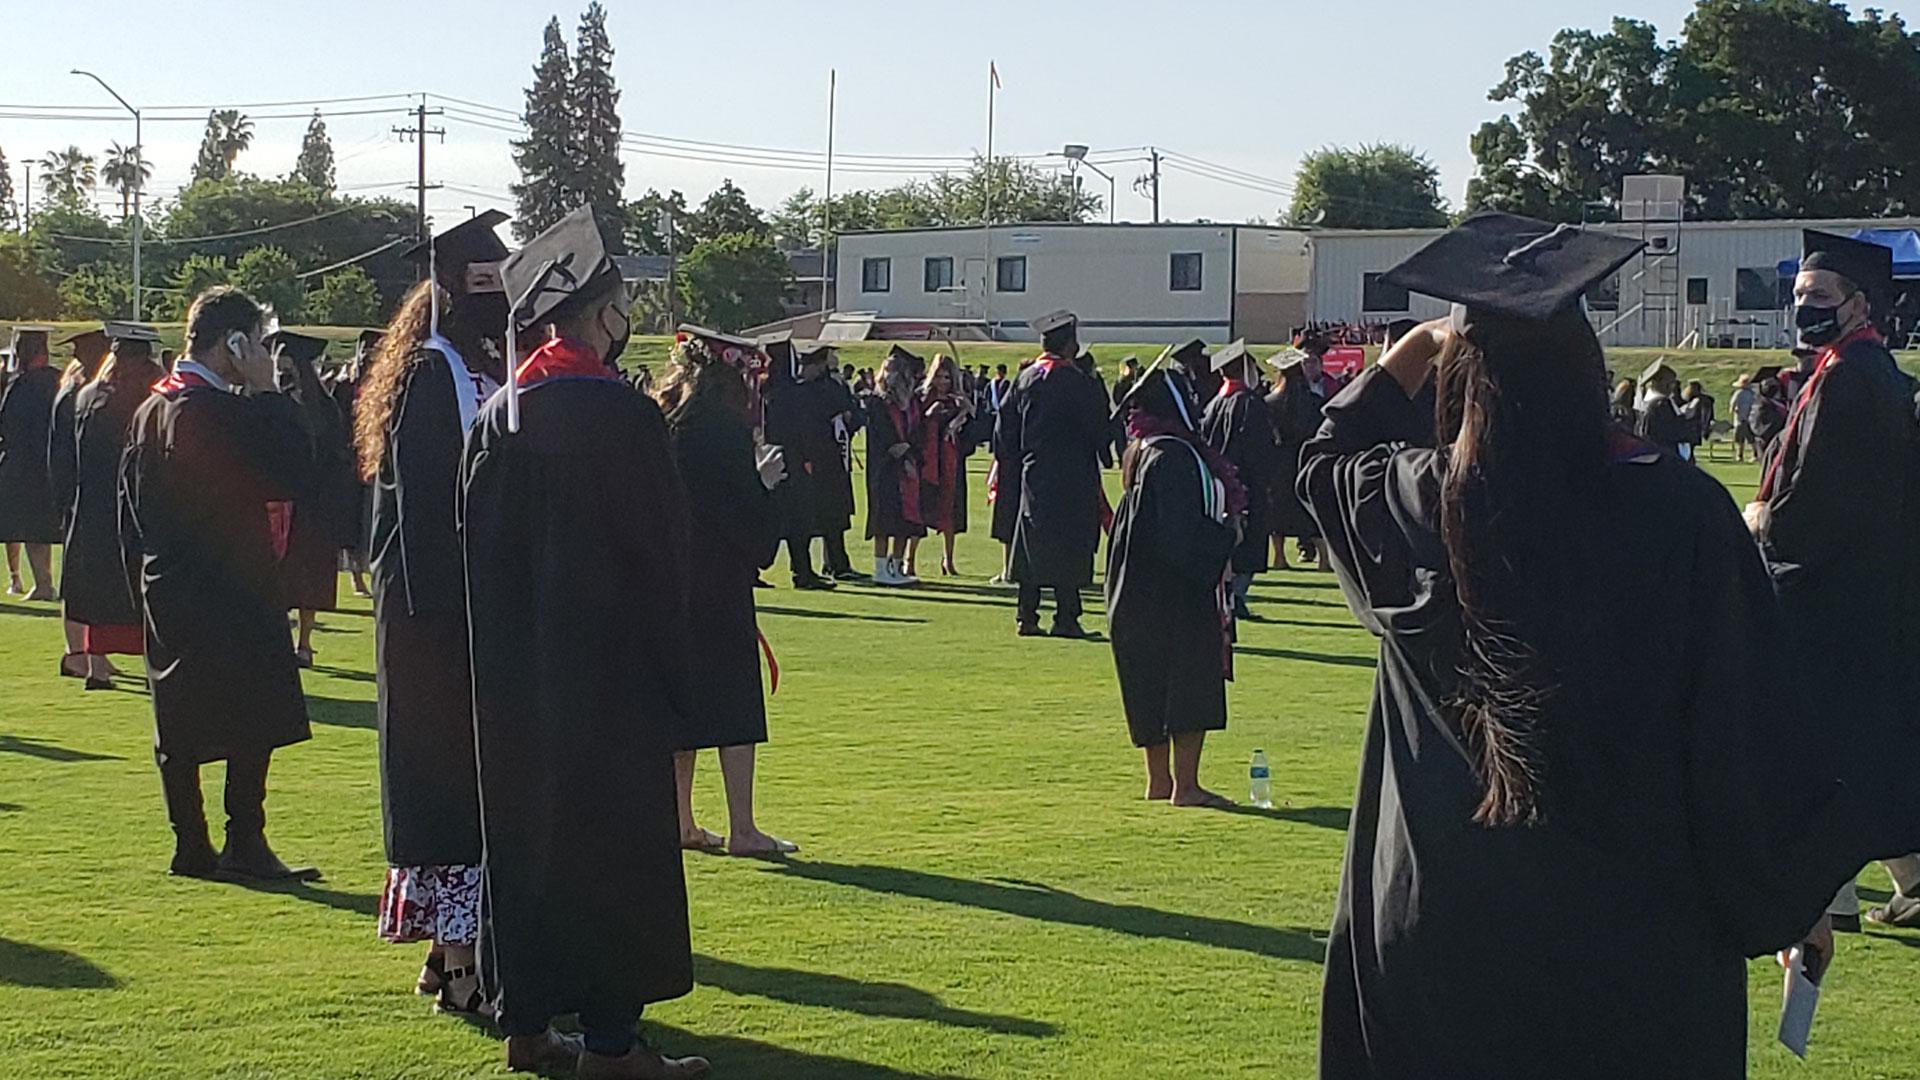 Grads prepare for the procession.